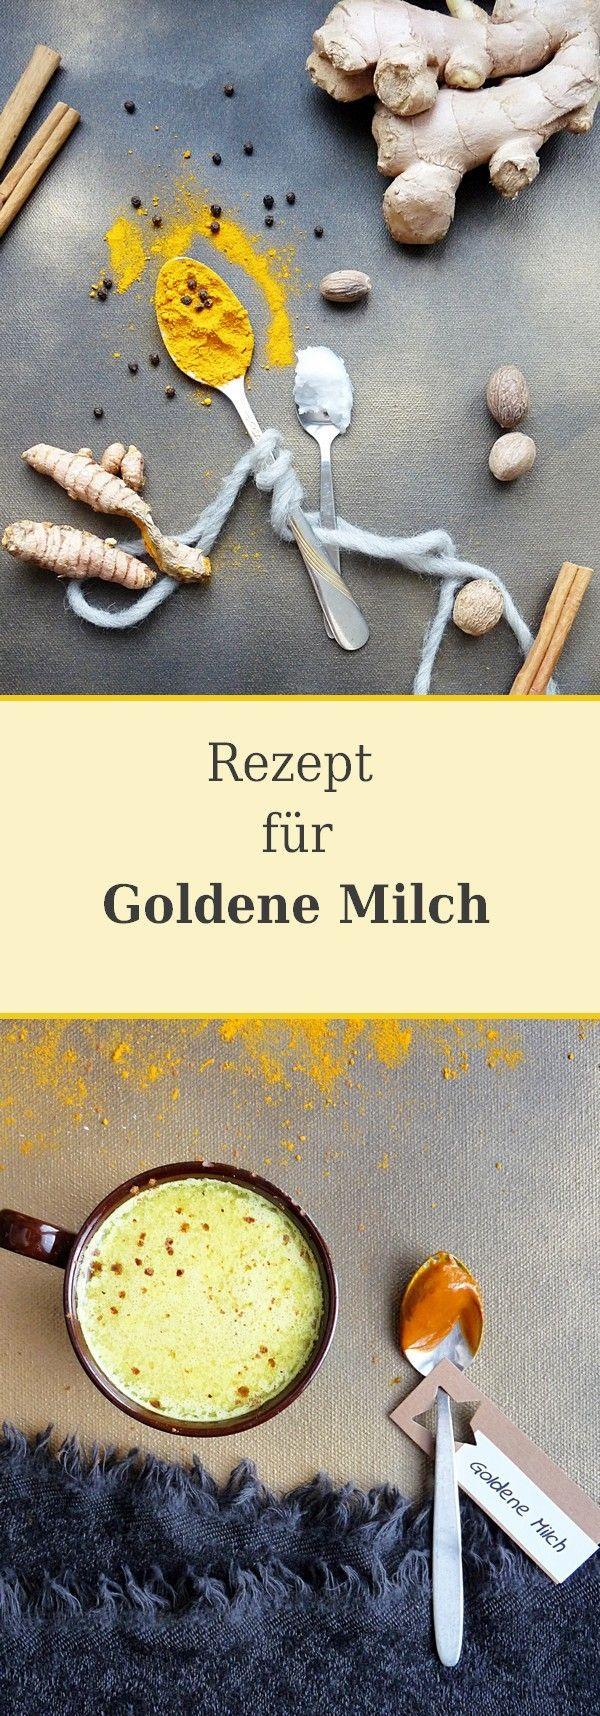 Trendgetränk Goldene Milch - I love it | Rezept | Ayurvedische küche ...